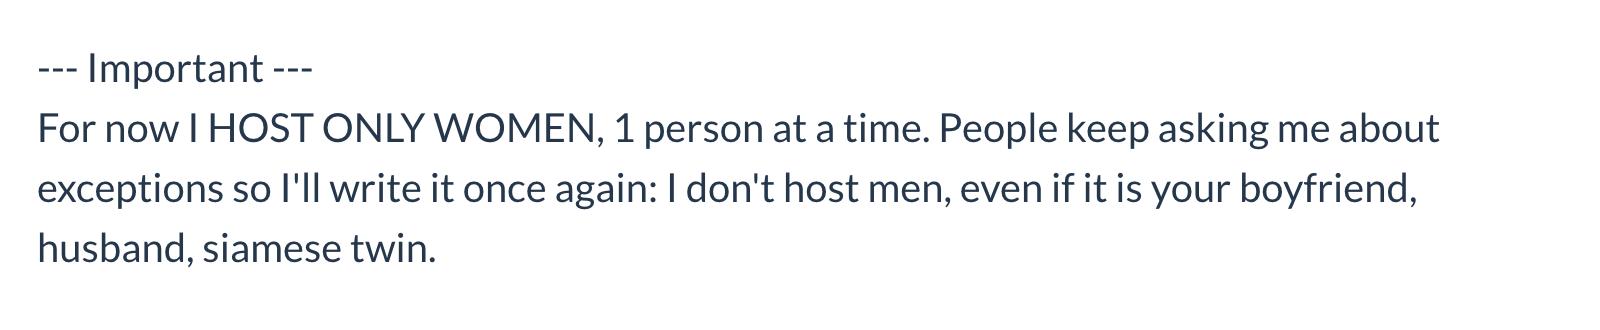 Хост готов принимать только одну женщину. Это не значит, что он кровожадный маньяк-насильник. Но шанс, что он ищет одноразовый секс, все-таки велик. Если вы не готовы к близости, лучше найти другого хоста